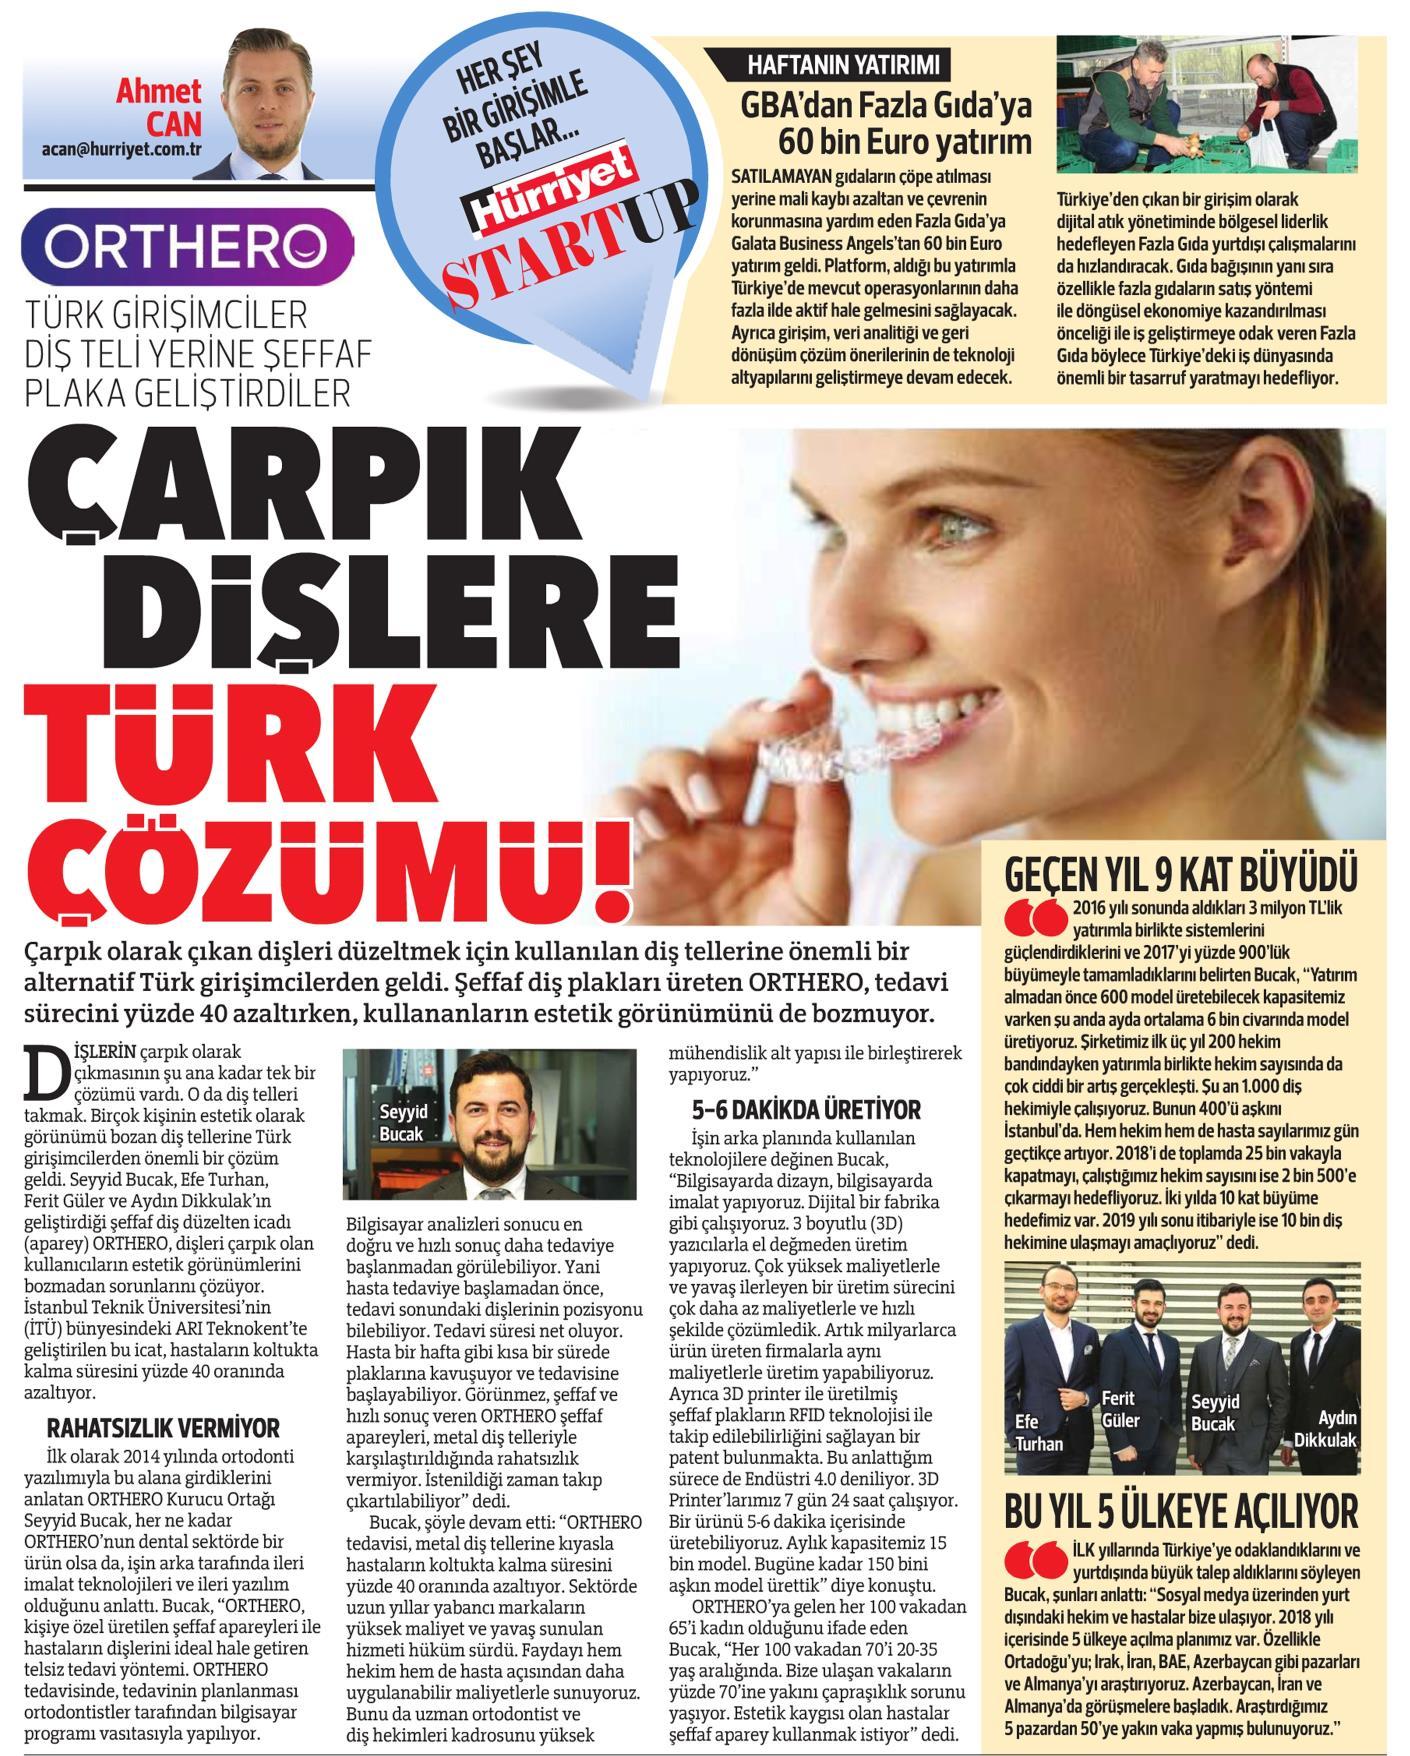 HÜRRİYET_20180726_12 (1)